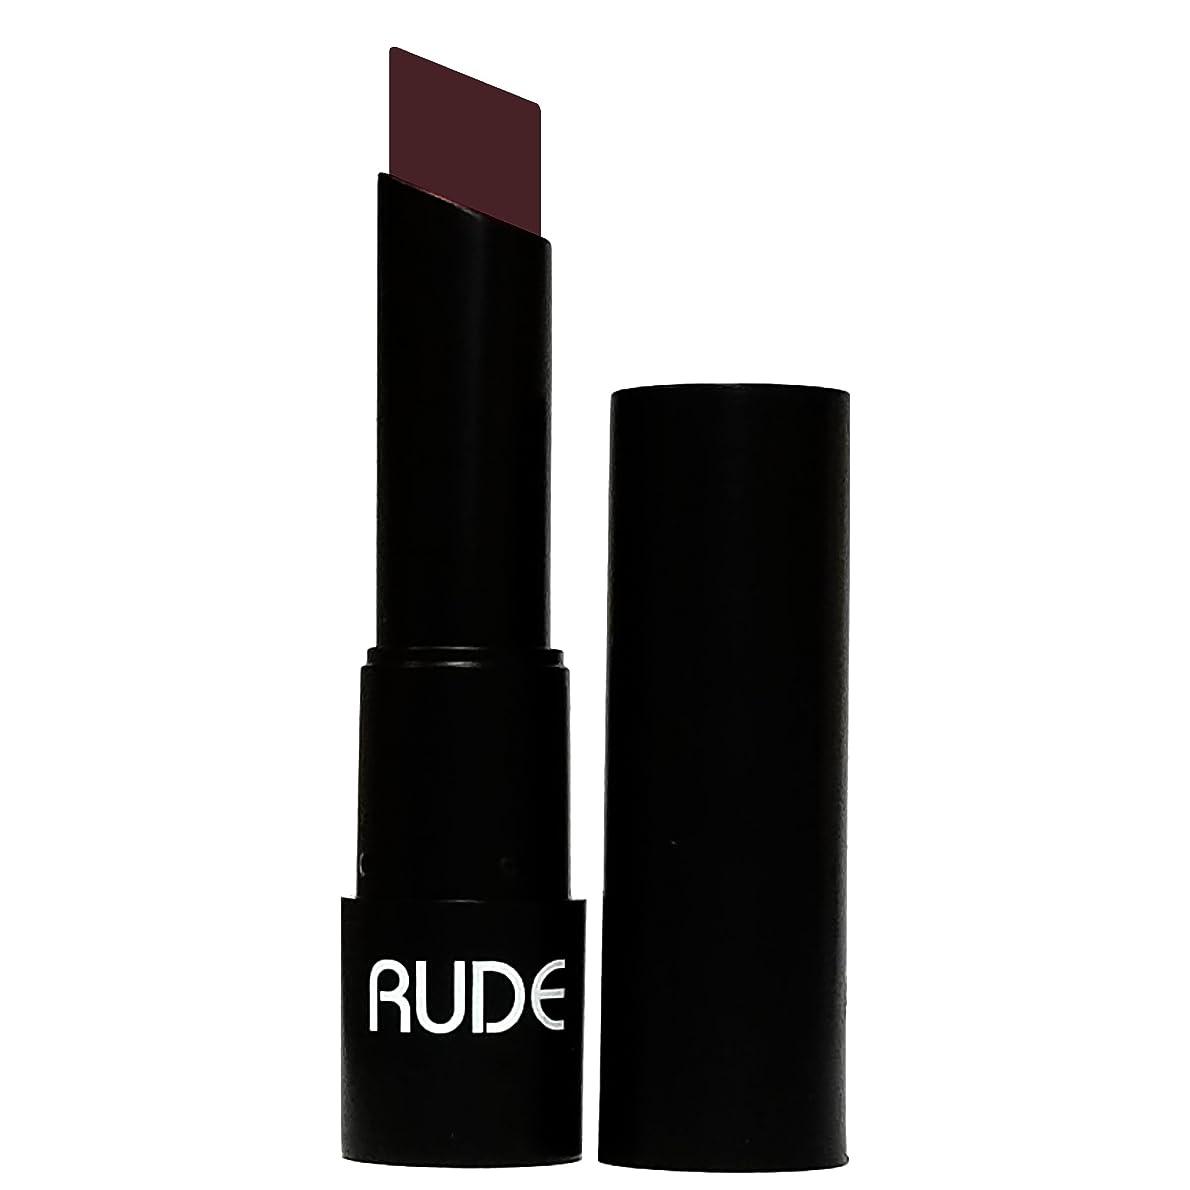 感覚ペニーぜいたく(3 Pack) RUDE Attitude Matte Lipstick - Vain (並行輸入品)